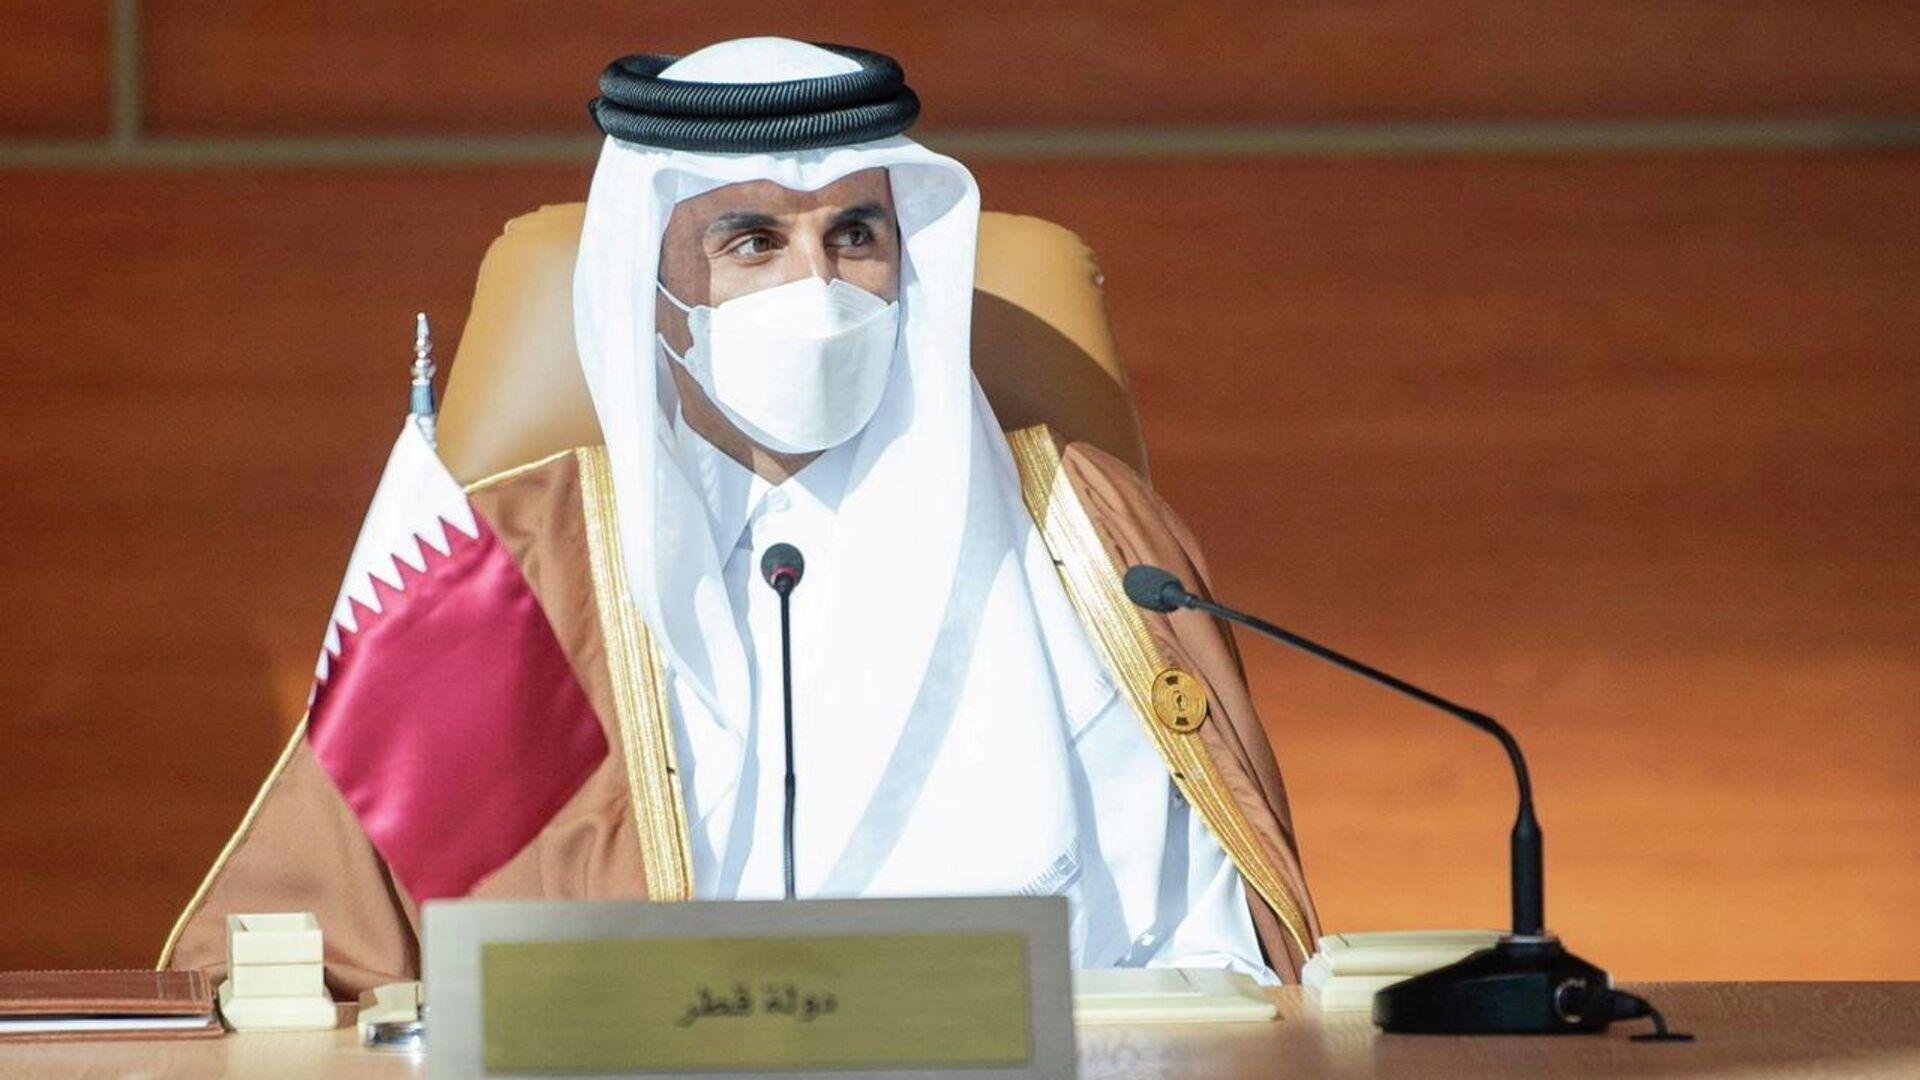 4-й эмир Катара Тамим бин Хамад Аль Тани на 41-м саммите Совета сотрудничества арабских государств Персидского залива в Саудовской Аравии - РИА Новости, 1920, 05.01.2021